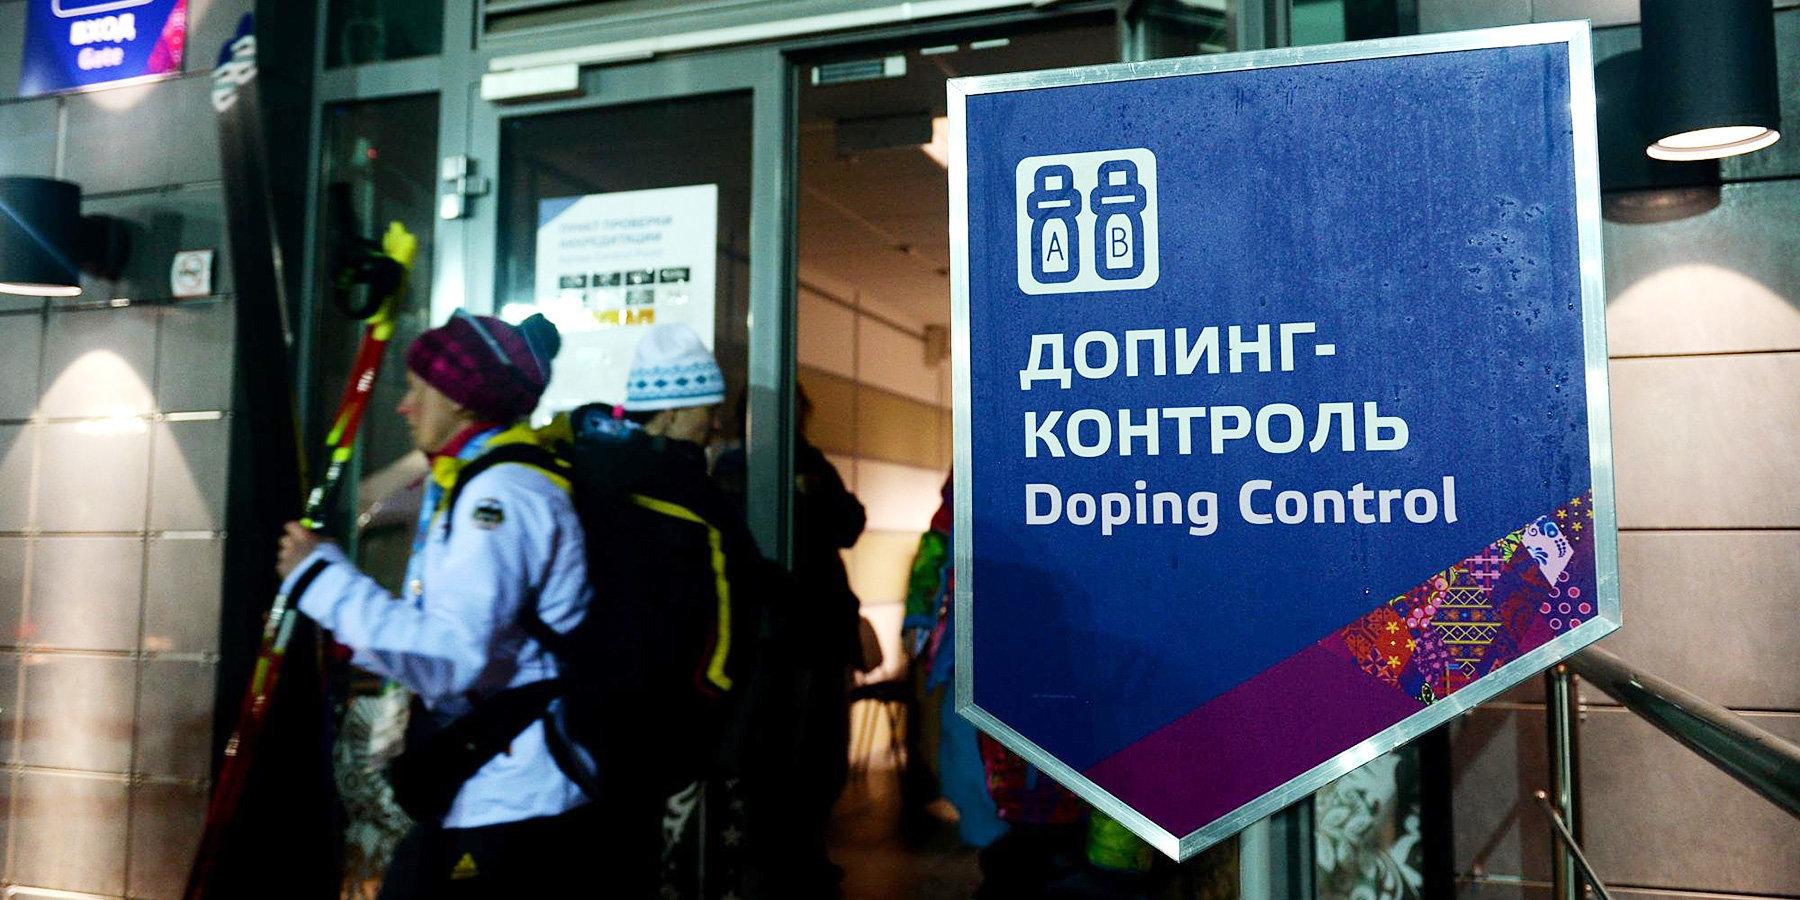 Семь игроков клуба НМХЛ «Россошь» отстранены от состязаний из-за допинга